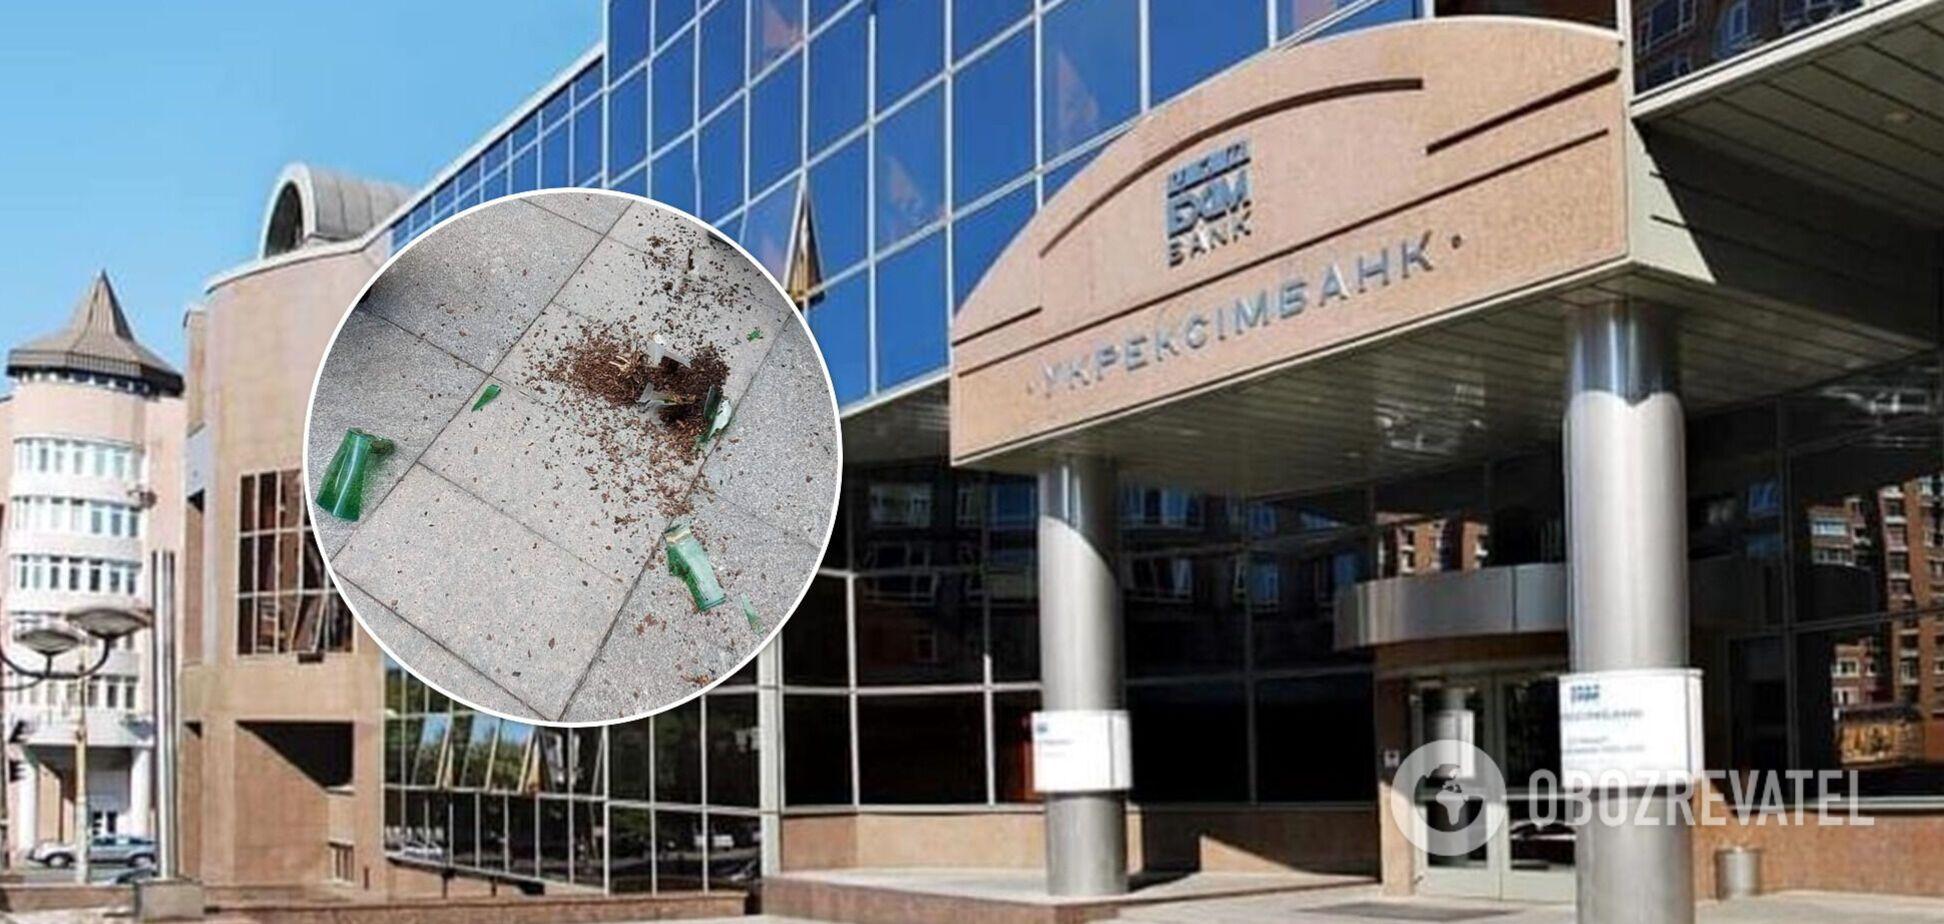 Ледь не потрапив у журналістів: під час мітингу під будівлею 'Укрексімбанку' з вікна впав вазон. Фото